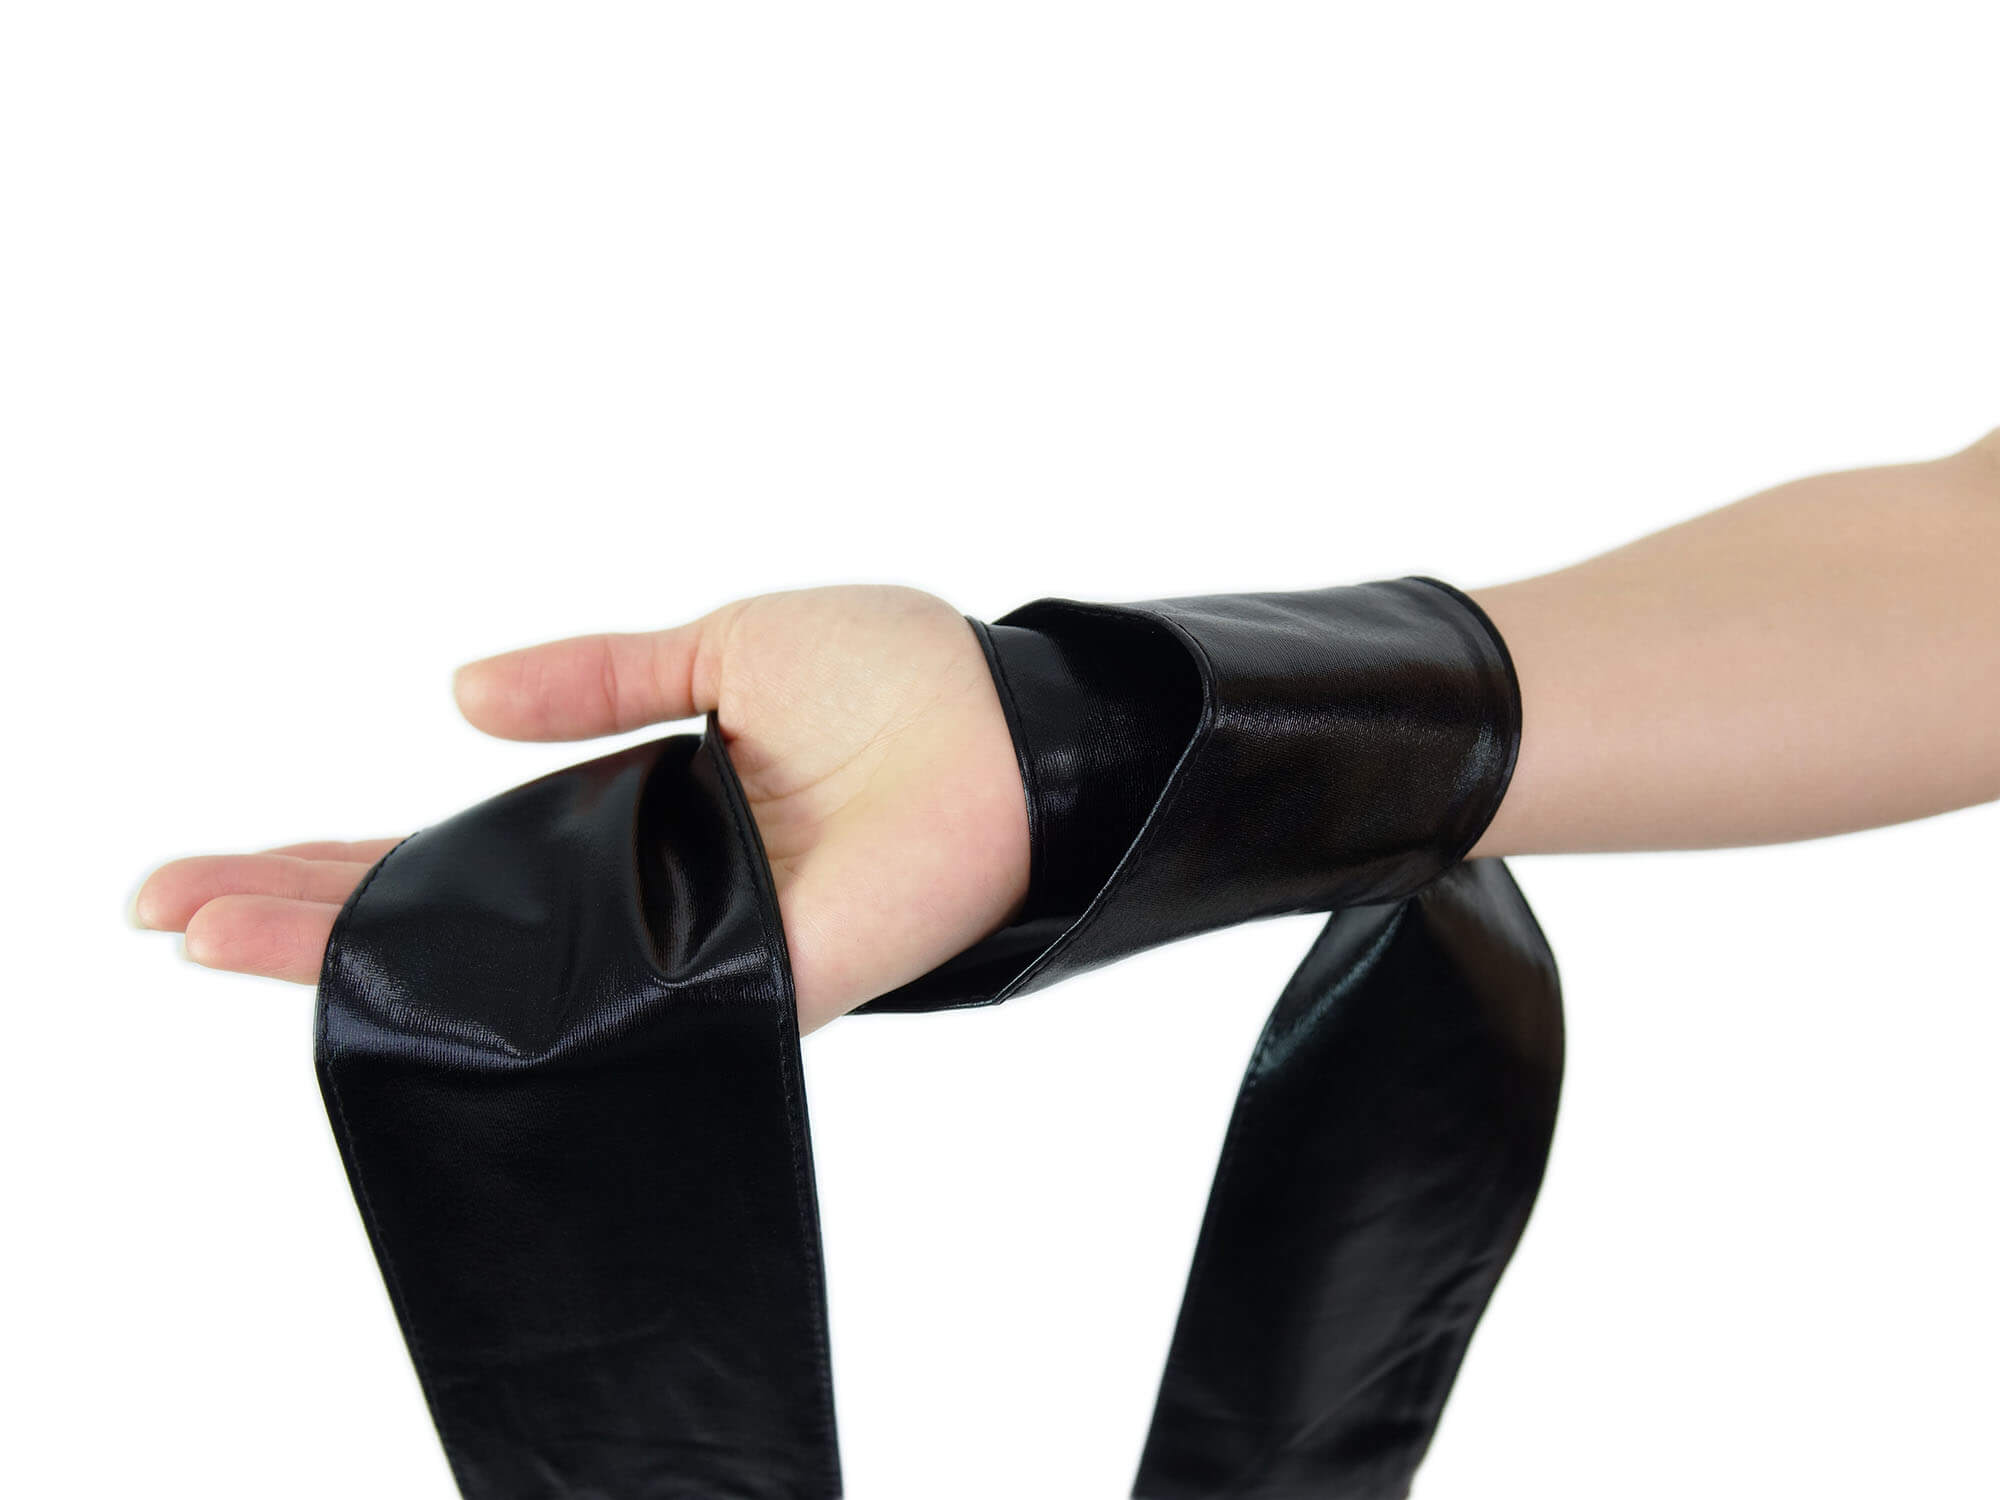 Premium Bondage-Schal wetlook schwarz glanz